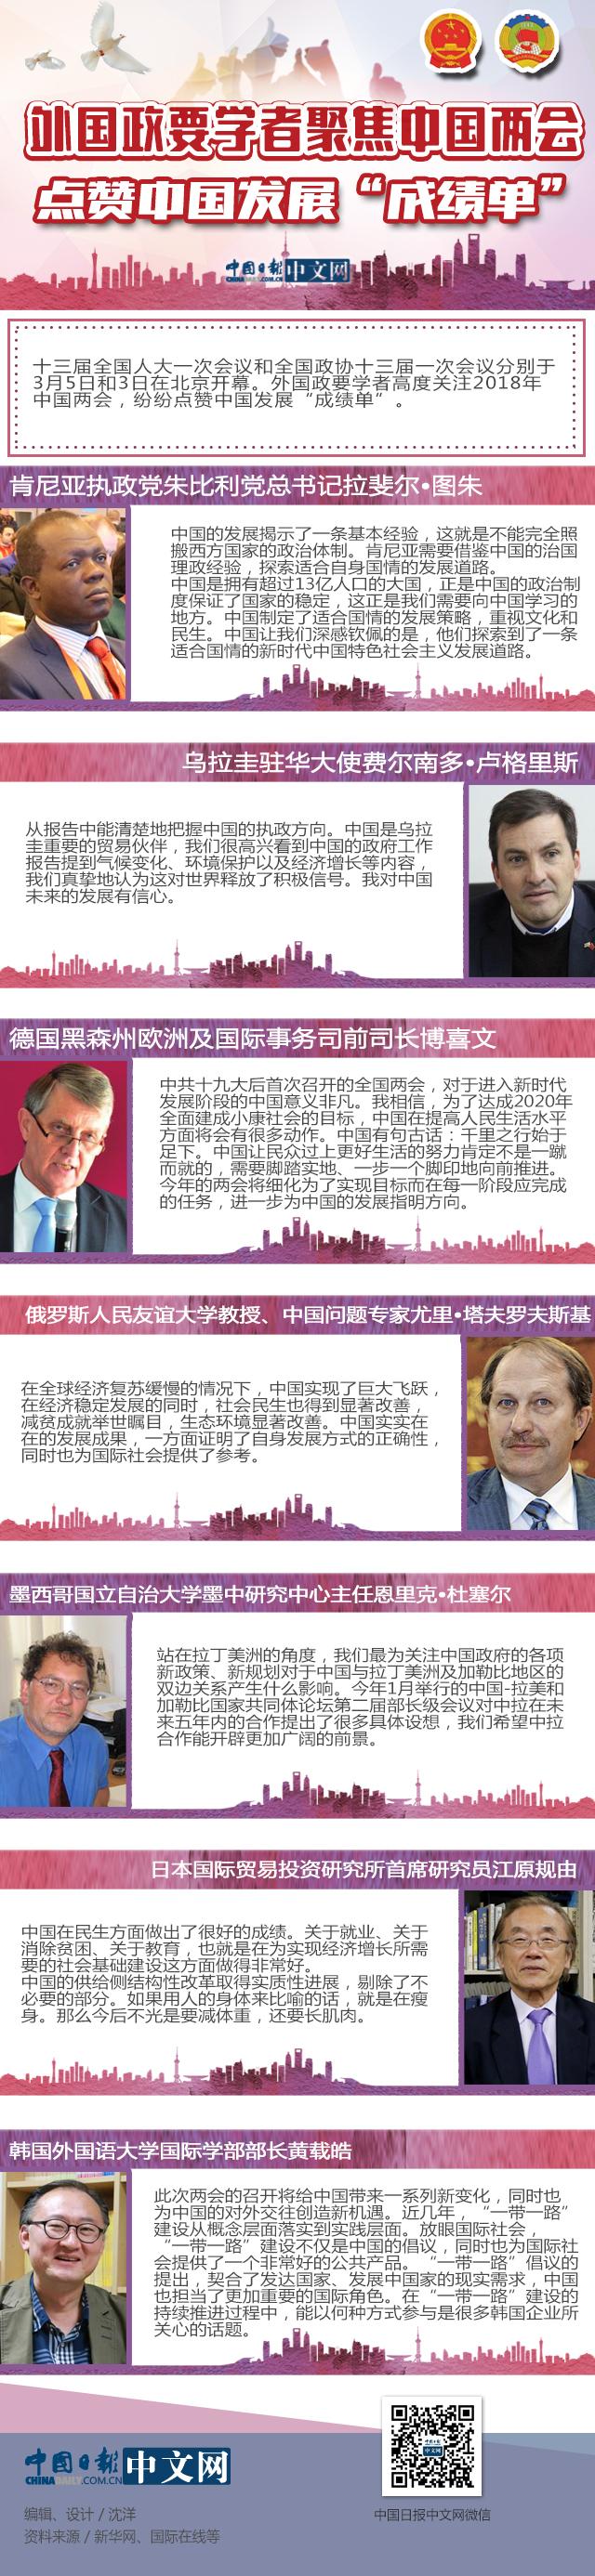 """图解:外国政要学者聚焦中国两会 点赞中国发展""""成绩单"""""""